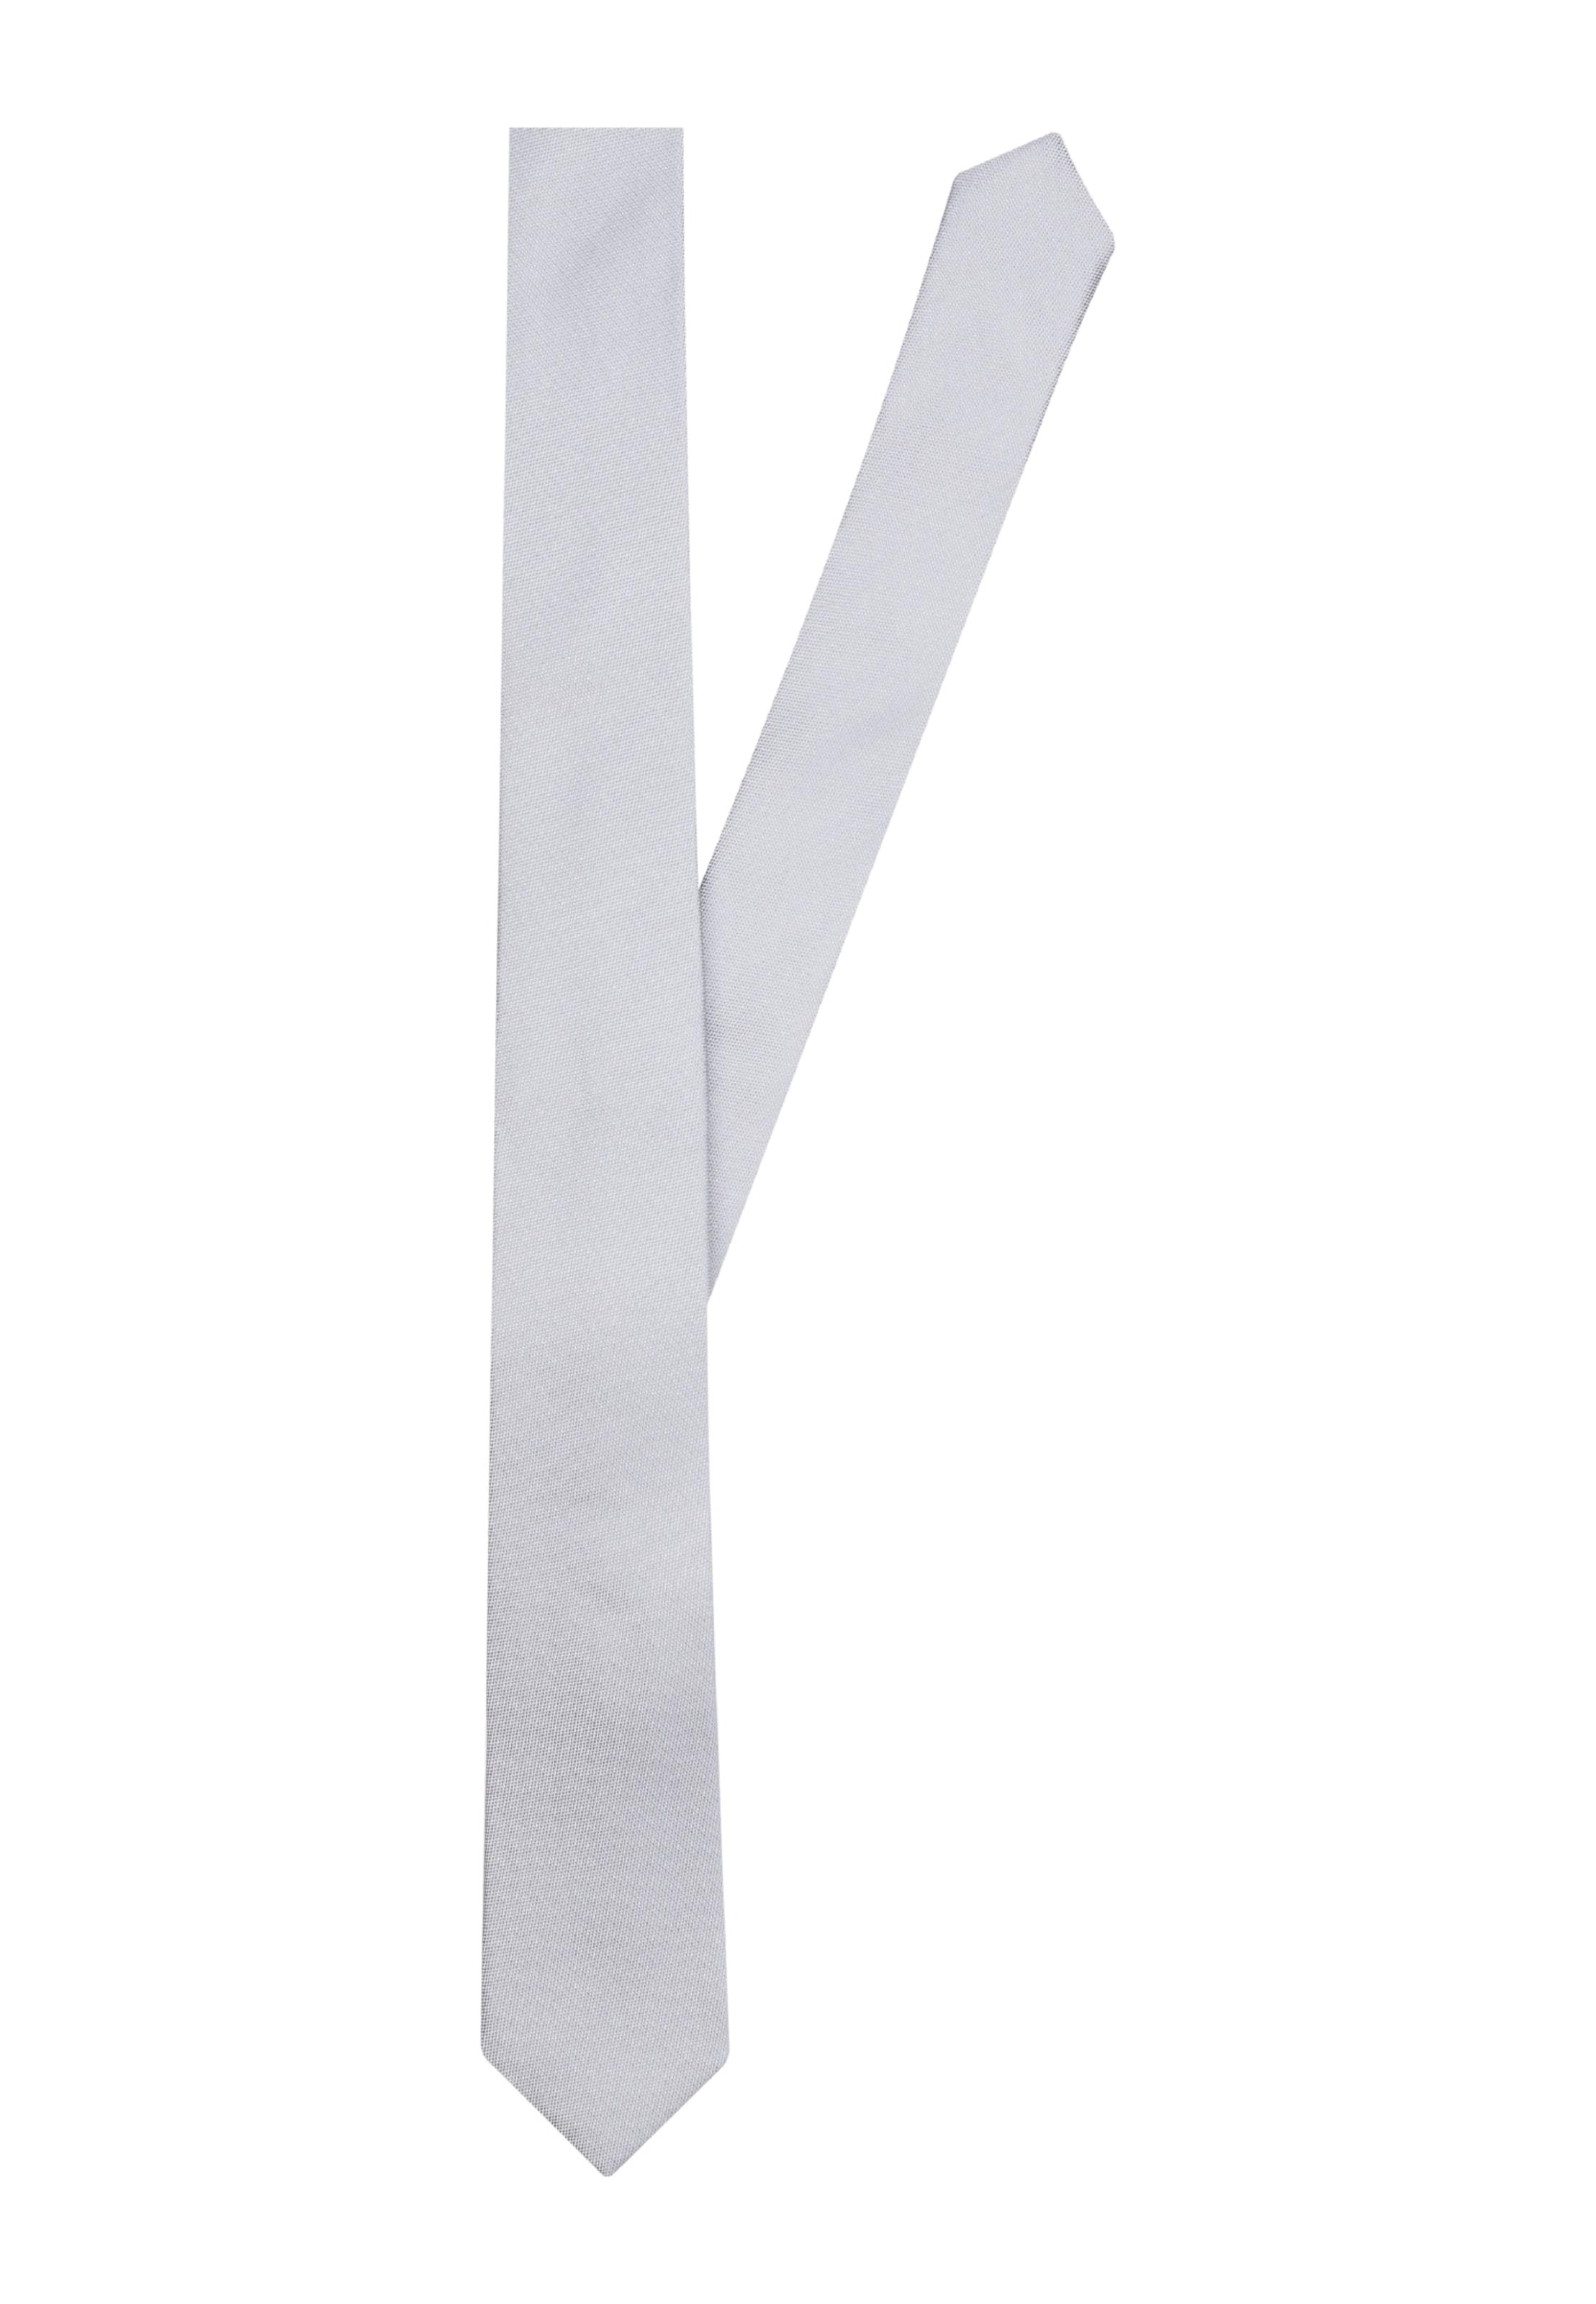 Große Überraschung SEIDENSTICKER Krawatte ' Schwarze Rose ' Rabatt Für Billig Nicekicks Günstig Online Rabatt Mit Kreditkarte Outlet-Store mPxGALzy3r